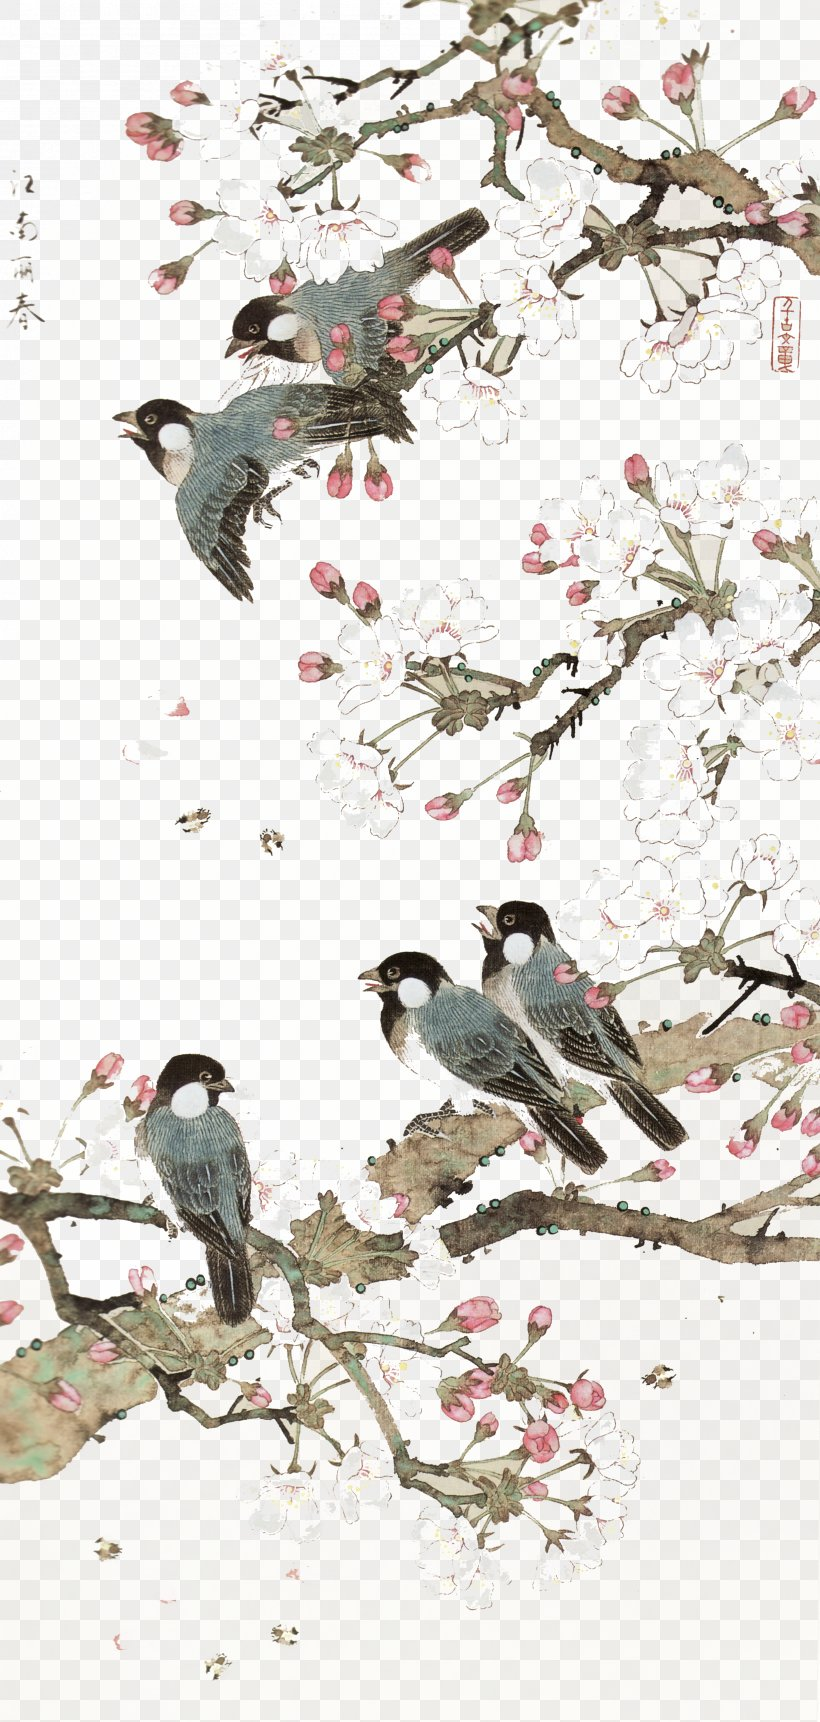 China Bird-and-flower Painting Chinese Art Chinese Painting, PNG, 3333x7002px, China, Bird, Bird And Flower Painting, Bird Feeding, Bird Flight Download Free